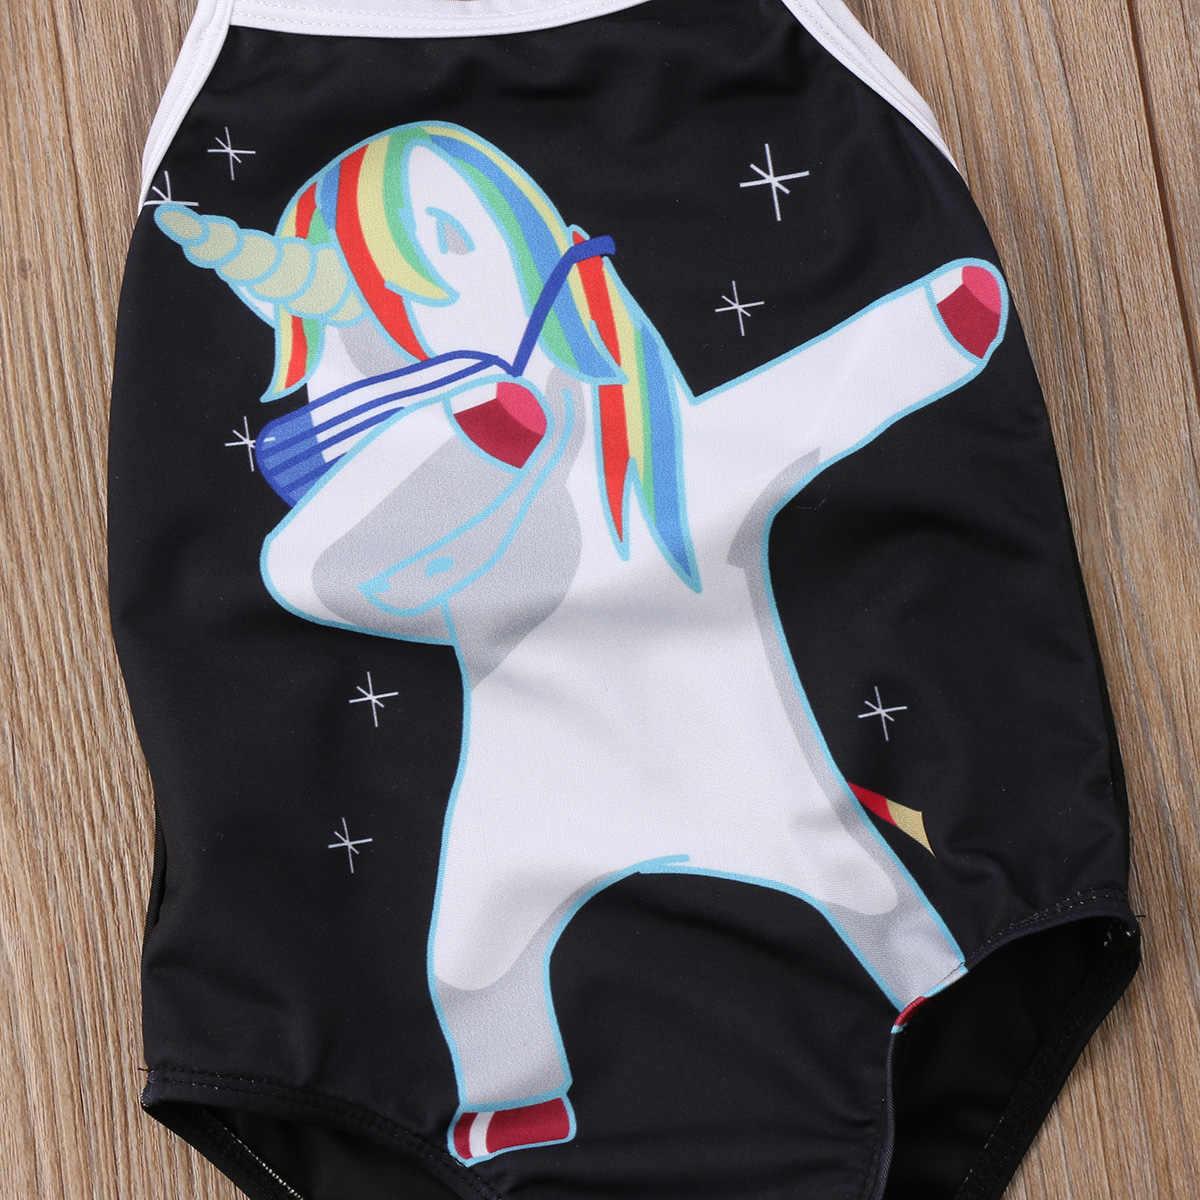 2018 купальник с единорогами дети бикини для маленькой девочки набор черный милый купальник купальный костюм Пляжная одежда 2-7T